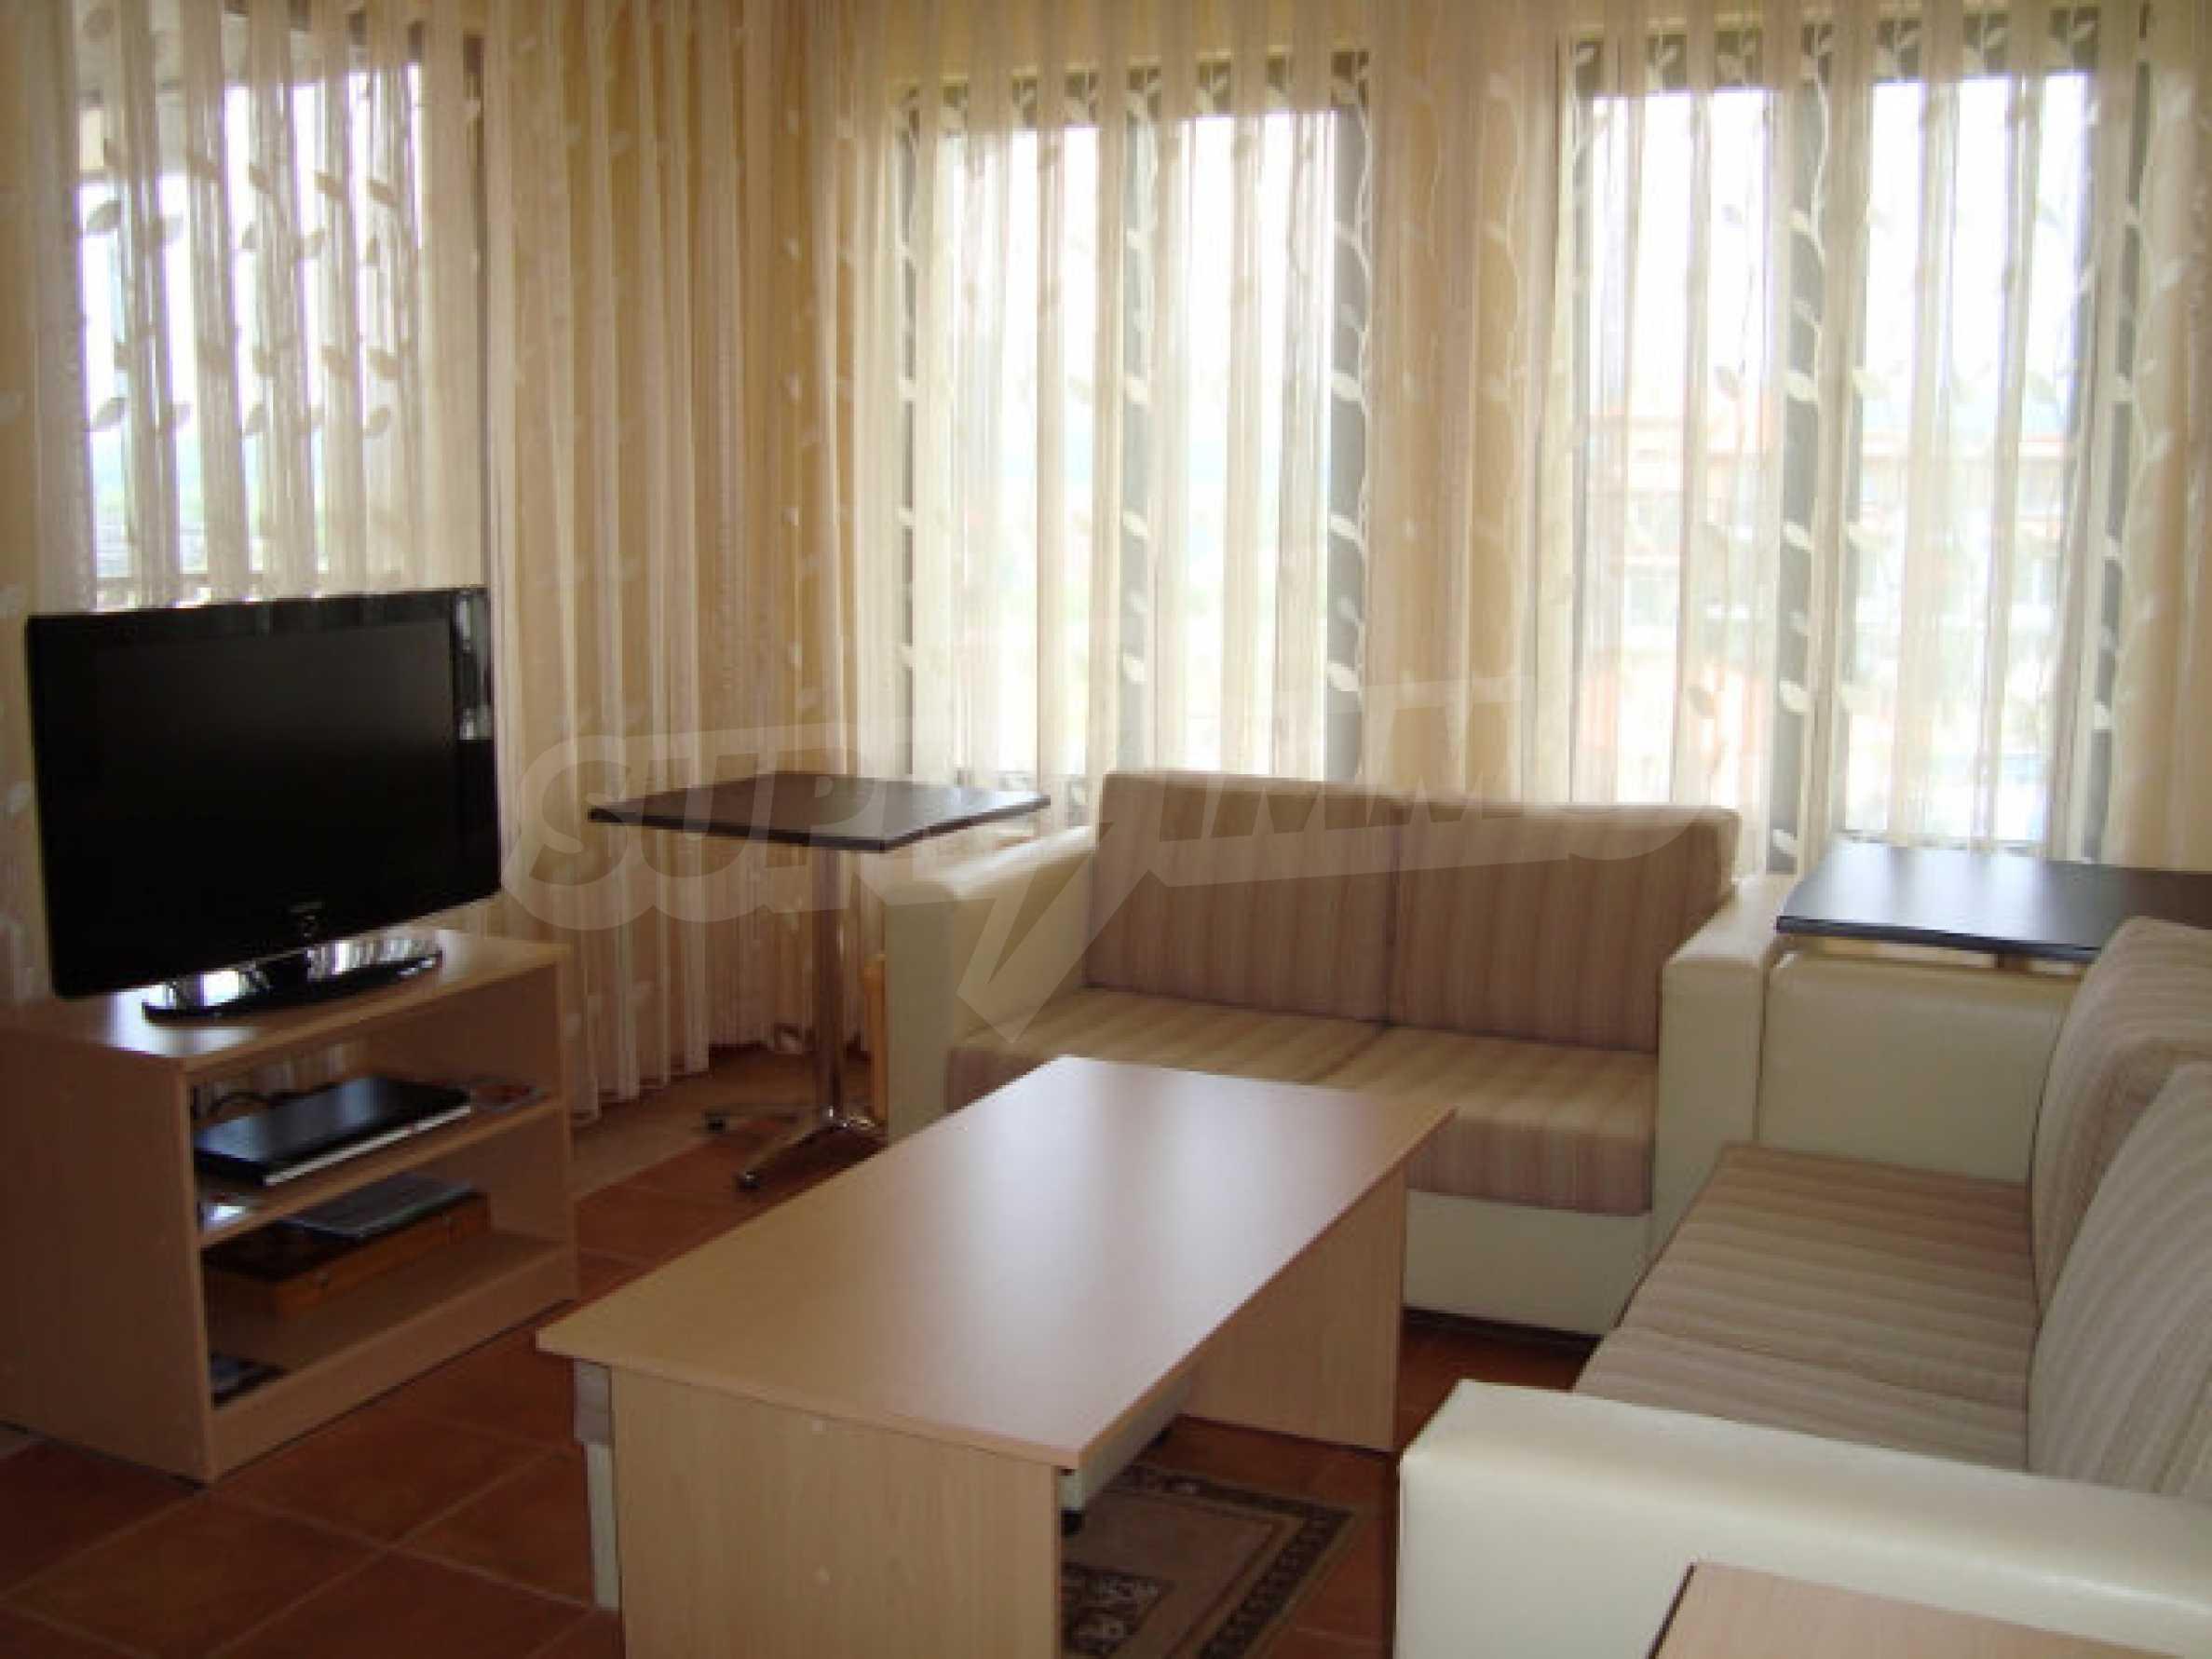 Zwei-Zimmer-Wohnung in Saint Nicholas Komplex in Chernomorets 2